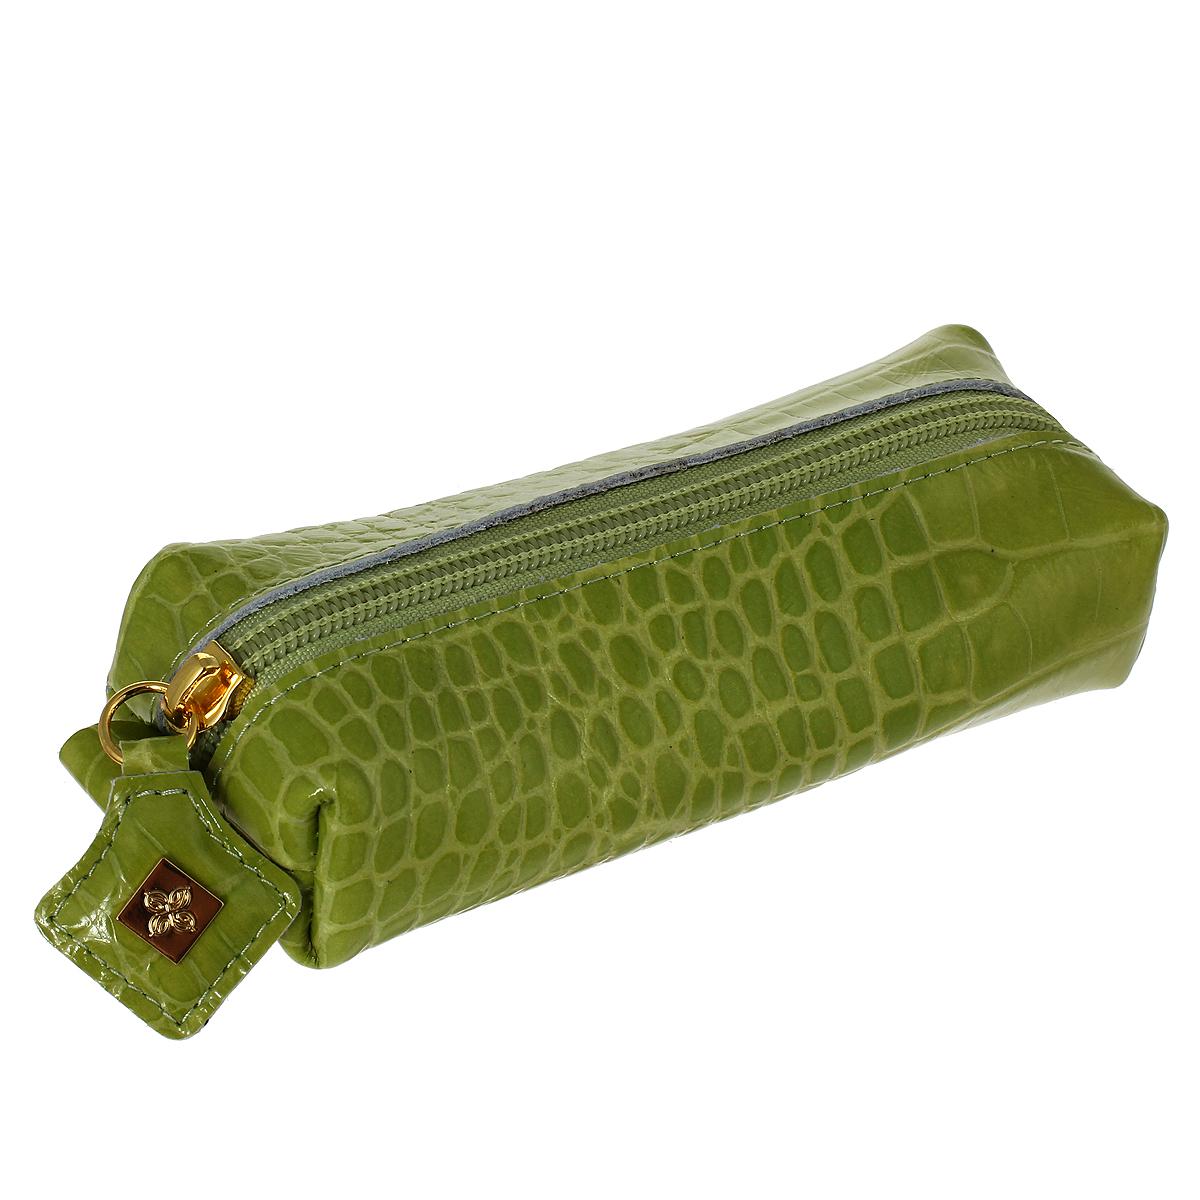 Ключница Dimanche Лайм, цвет: зеленый. 399399Ключница Dimanche Лайм изготовлена из натуральной лакированной кожи зеленого цвета с декоративным тиснением под рептилию. Закрывается на застежку-молнию. Внутри содержится металлическое кольцо для ключей. Без подкладки. Фурнитура - серебристого цвета. Яркая ключница не только поможет хранить все ключи в одном месте, но и станет стильным аксессуаром, который идеально дополнит ваш образ.